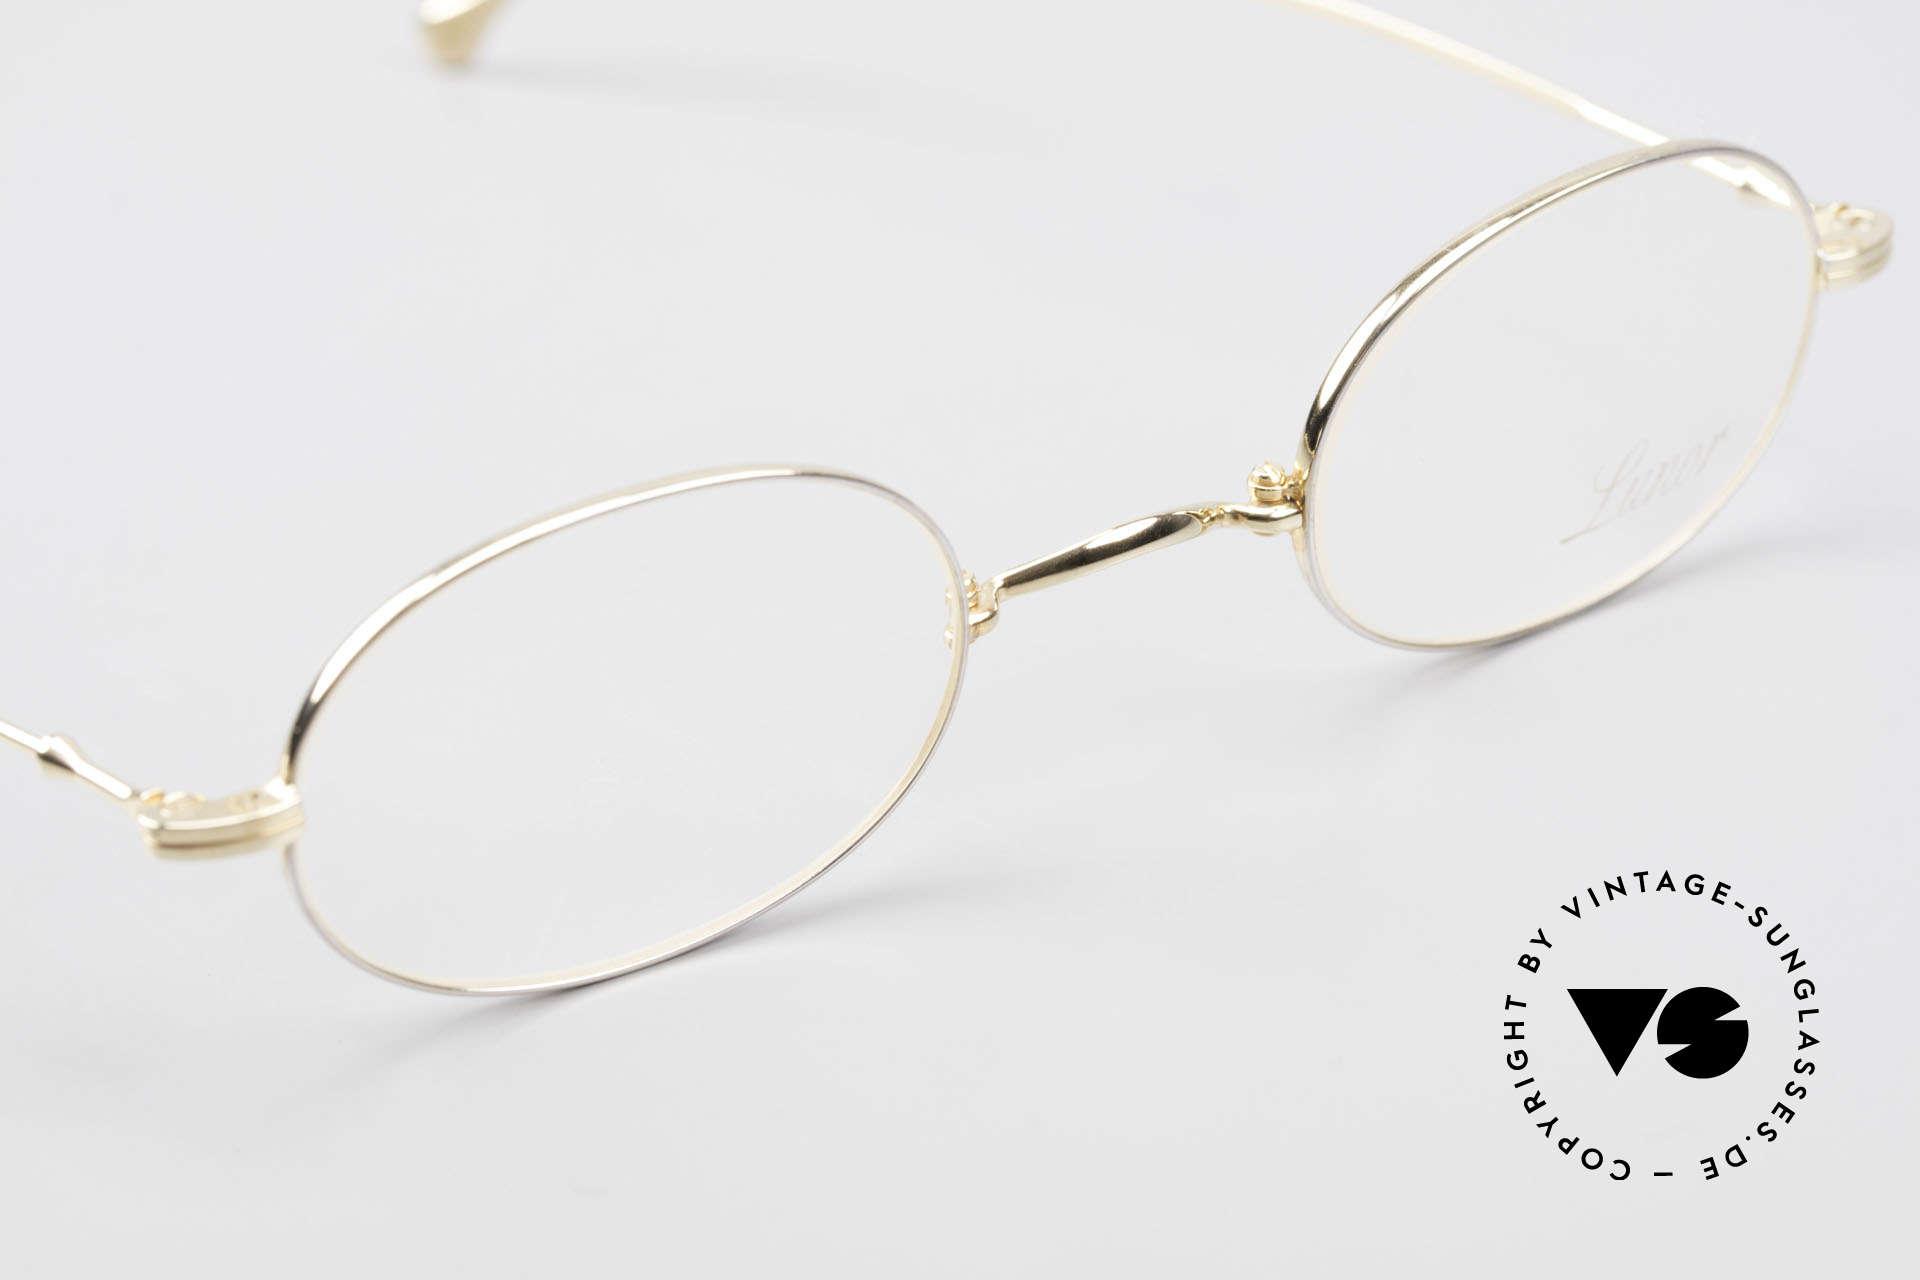 Lunor XXV Folding 04 Ovale Faltbrille Vergoldet, hier das ovale Faltmodell der XXV-Serie; vergoldet!, Passend für Herren und Damen